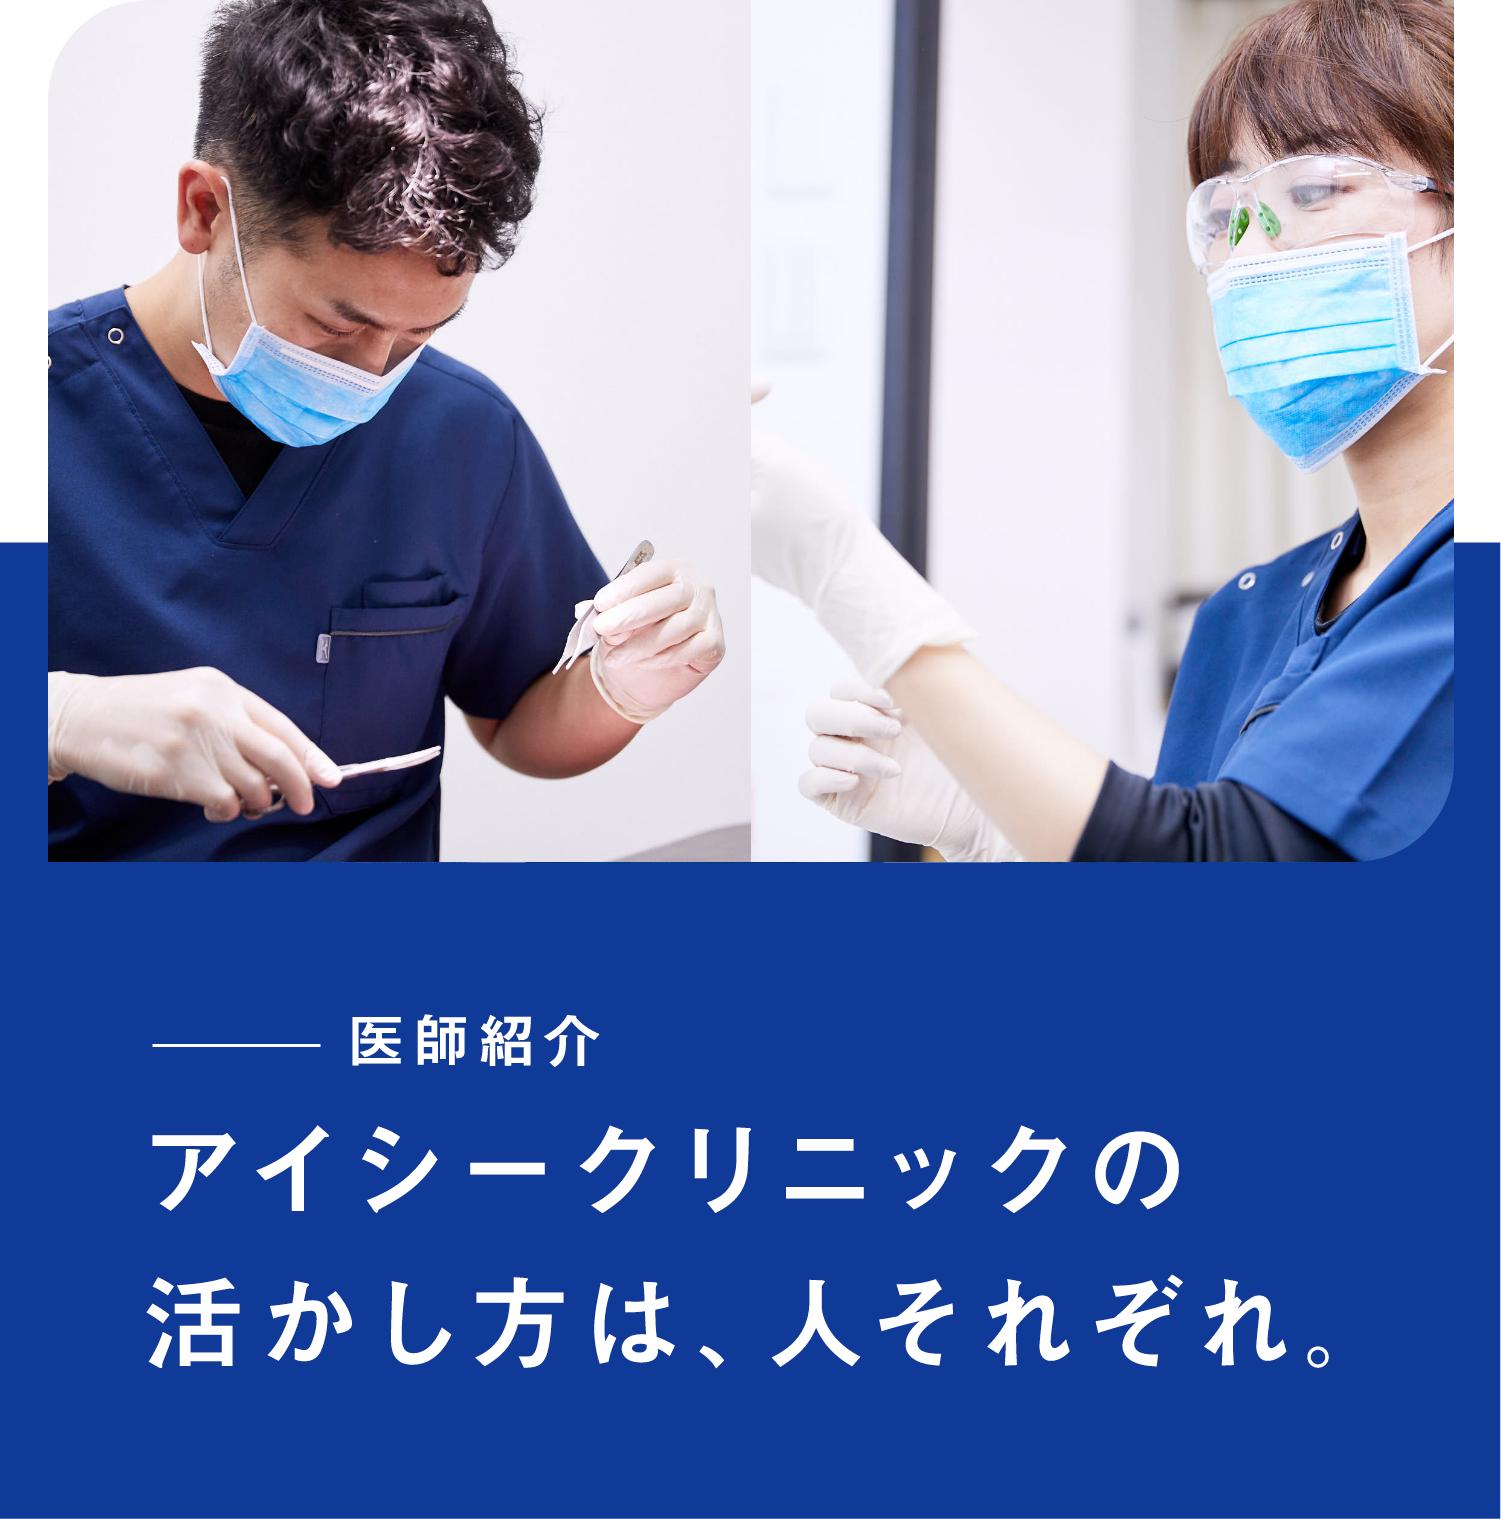 医師紹介-アイシークリニックの活かし方は、人それぞれ。